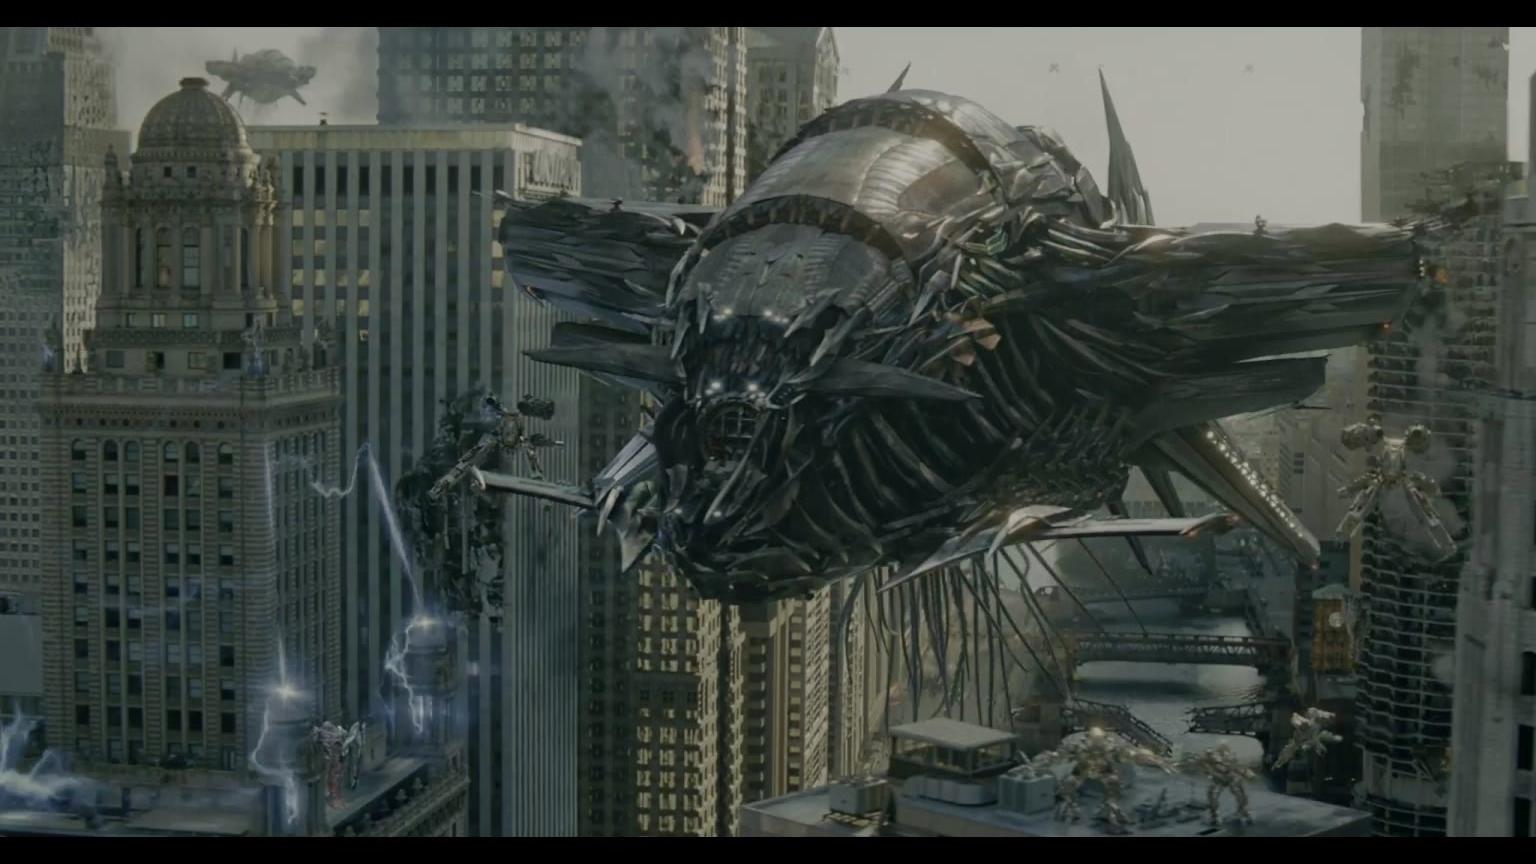 知道外星人的飞船是什么样吗?变形金刚3月黑之时激情剪辑带你一探究竟